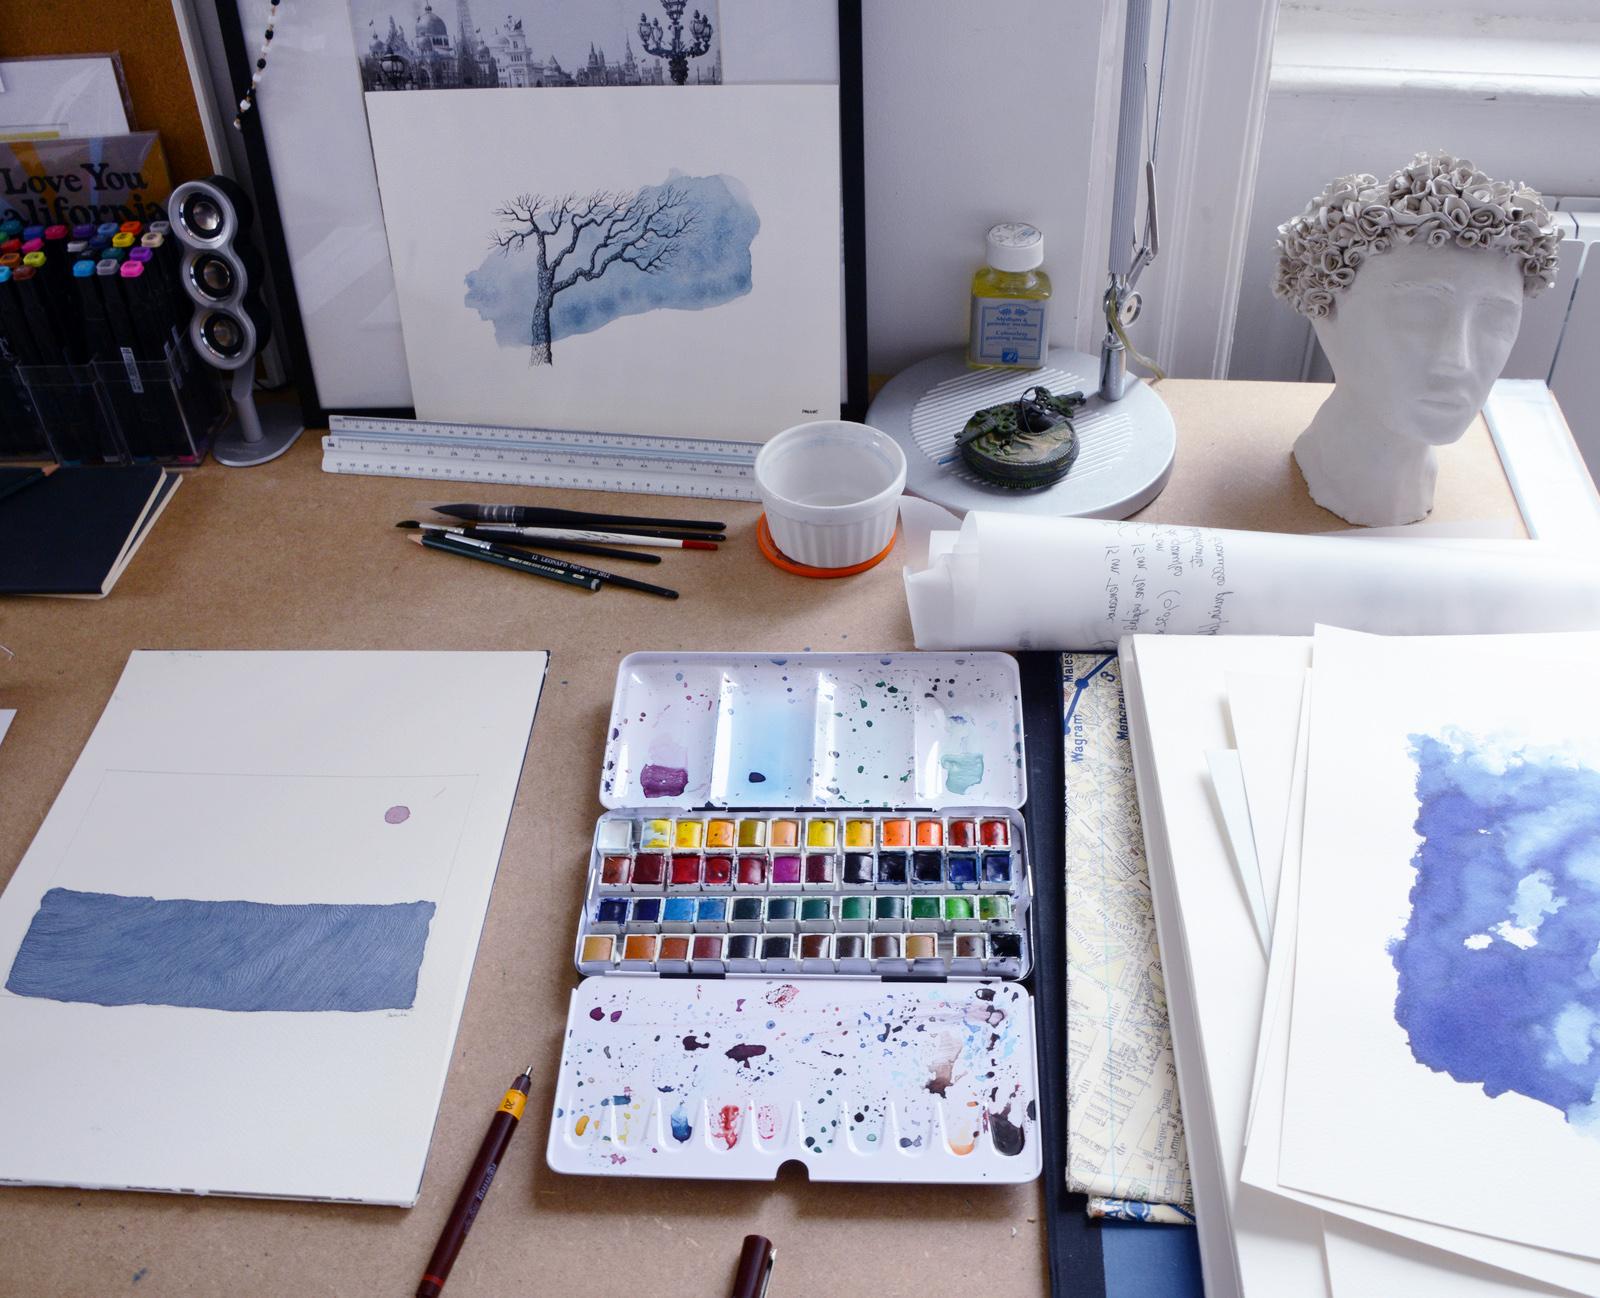 Atelier de l'artiste Dainche - KAZoART